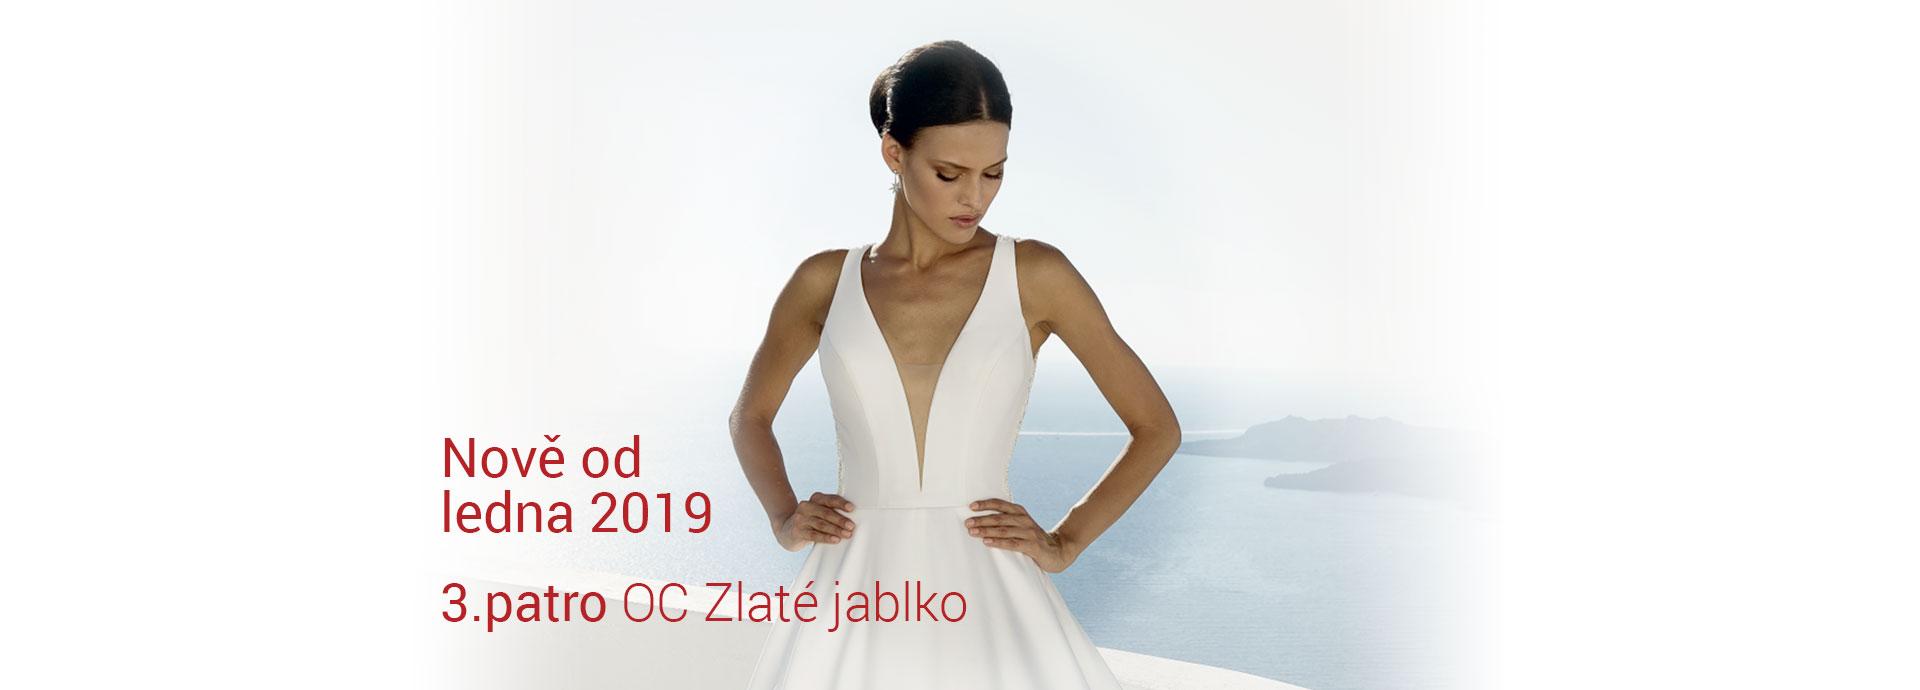 2d9ac0d95 Svatební šaty Luxusní svatební šaty od předních světových společností  udělají Váš svatební den nezapomenutelným.